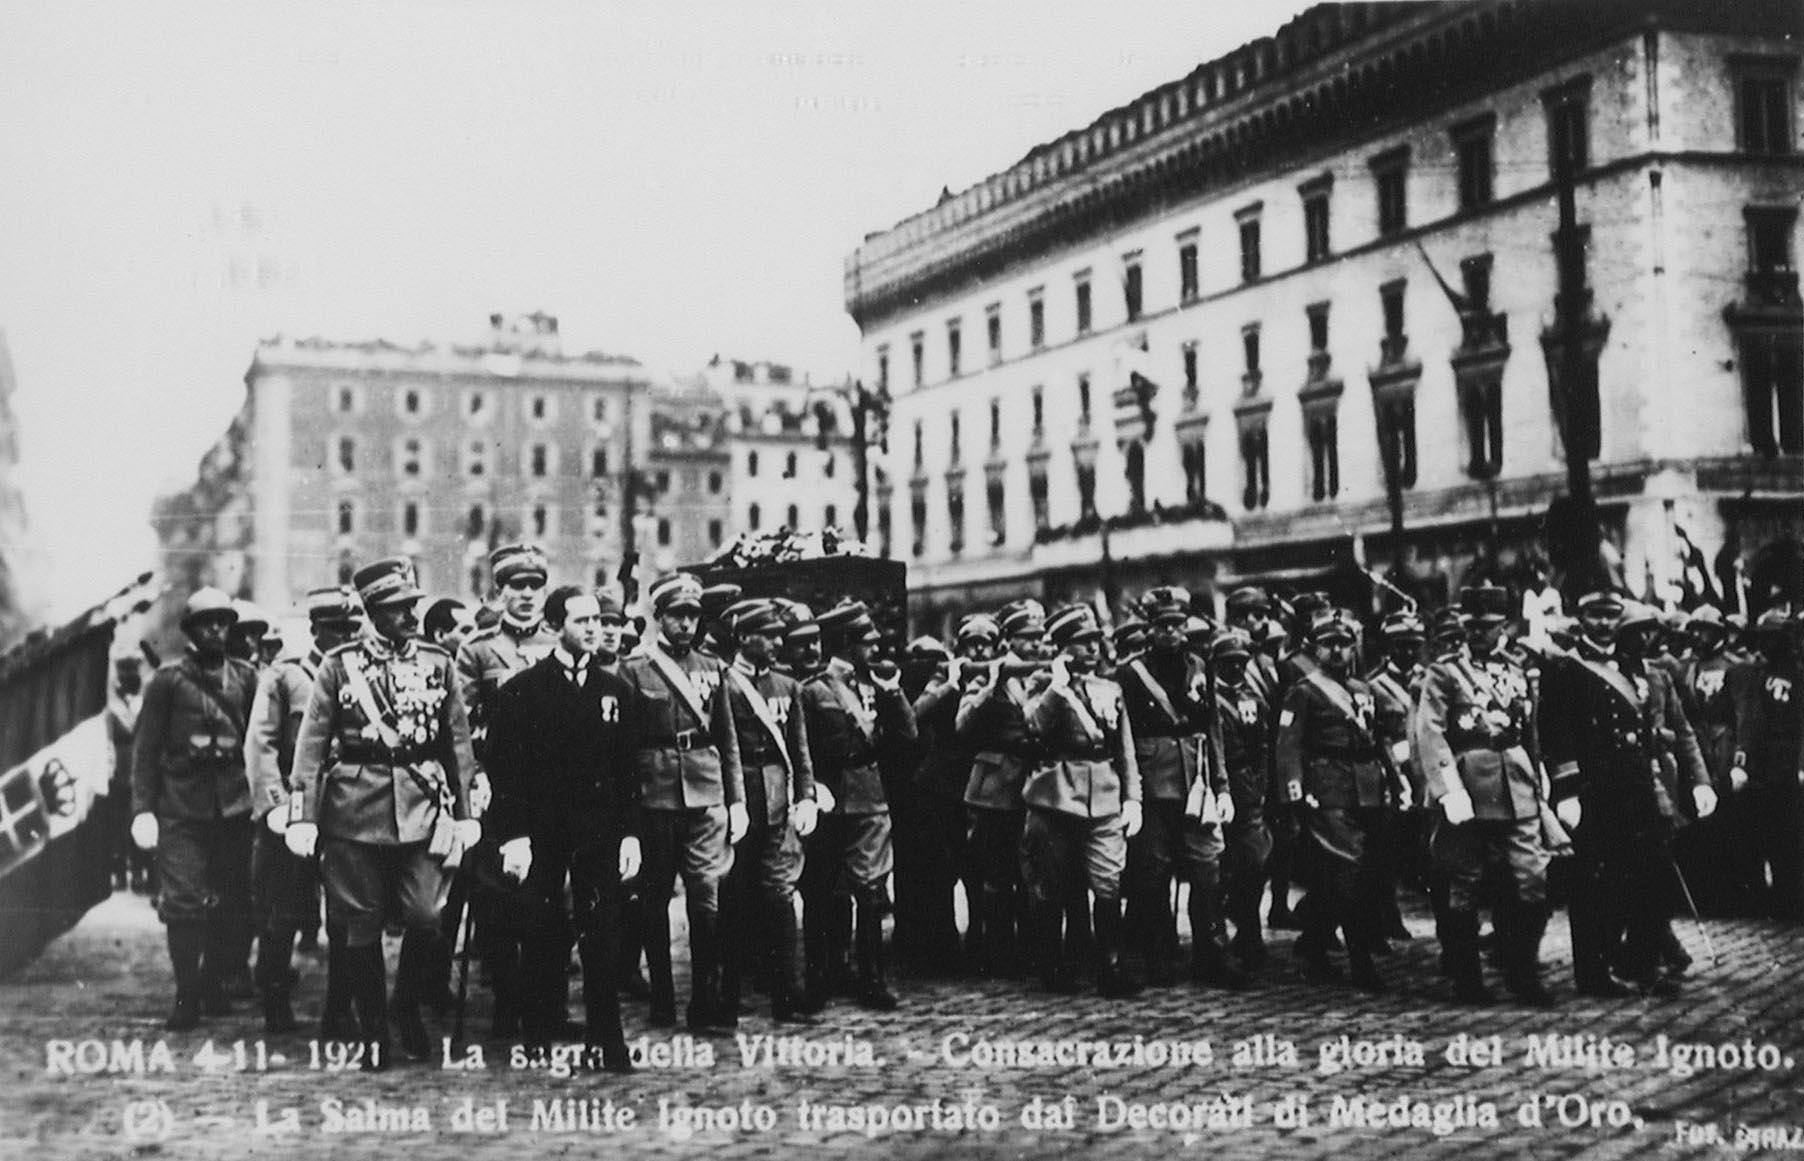 La salma del milite trasportata dai decorati di medaglia d'oro